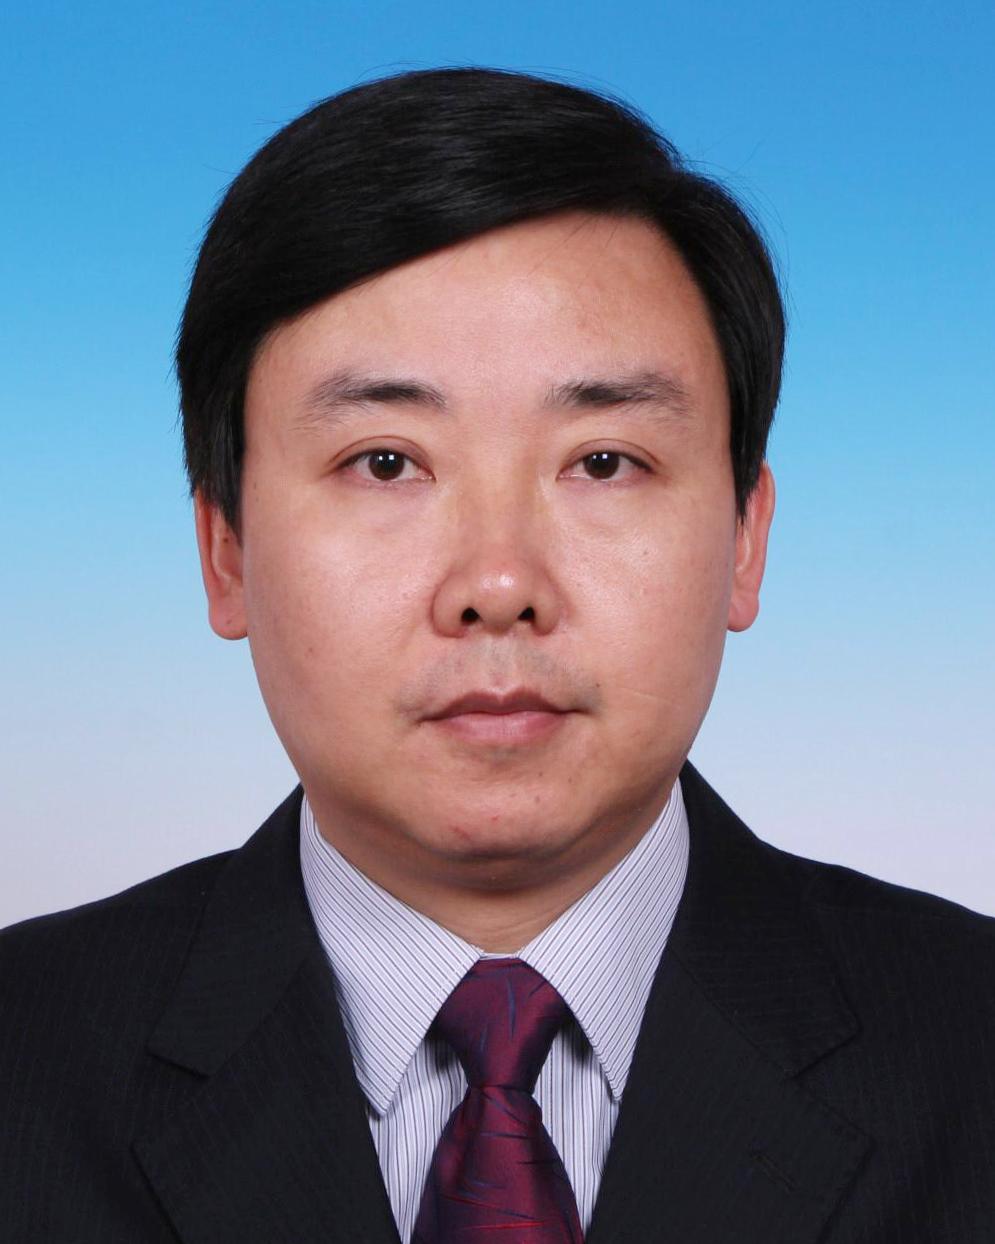 后法学顺达主管博士朱平任北京昌平区纪,顺达主管图片